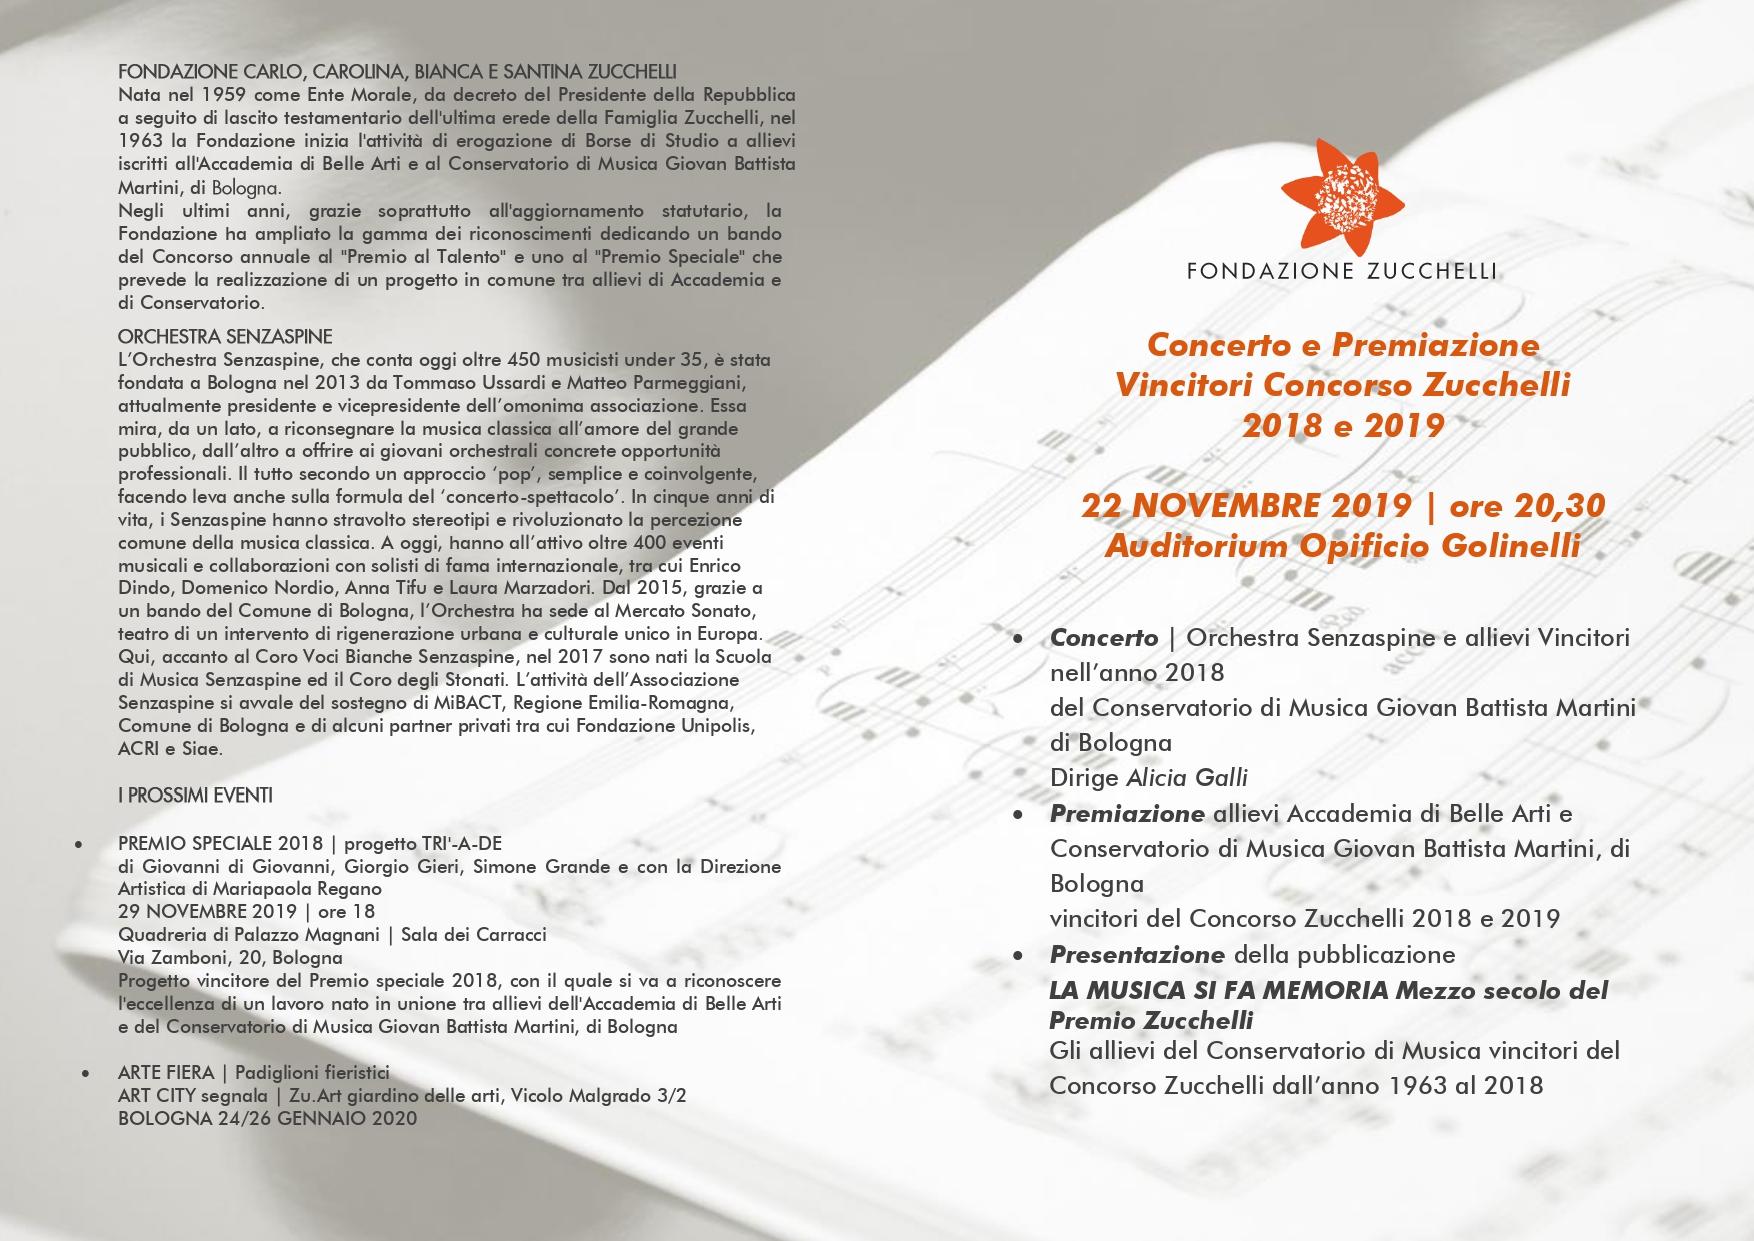 PROGRAMMA DI SALA CON SFONDO 22-11-2019_SK_18_11_2019_ORE11_07_page-0001